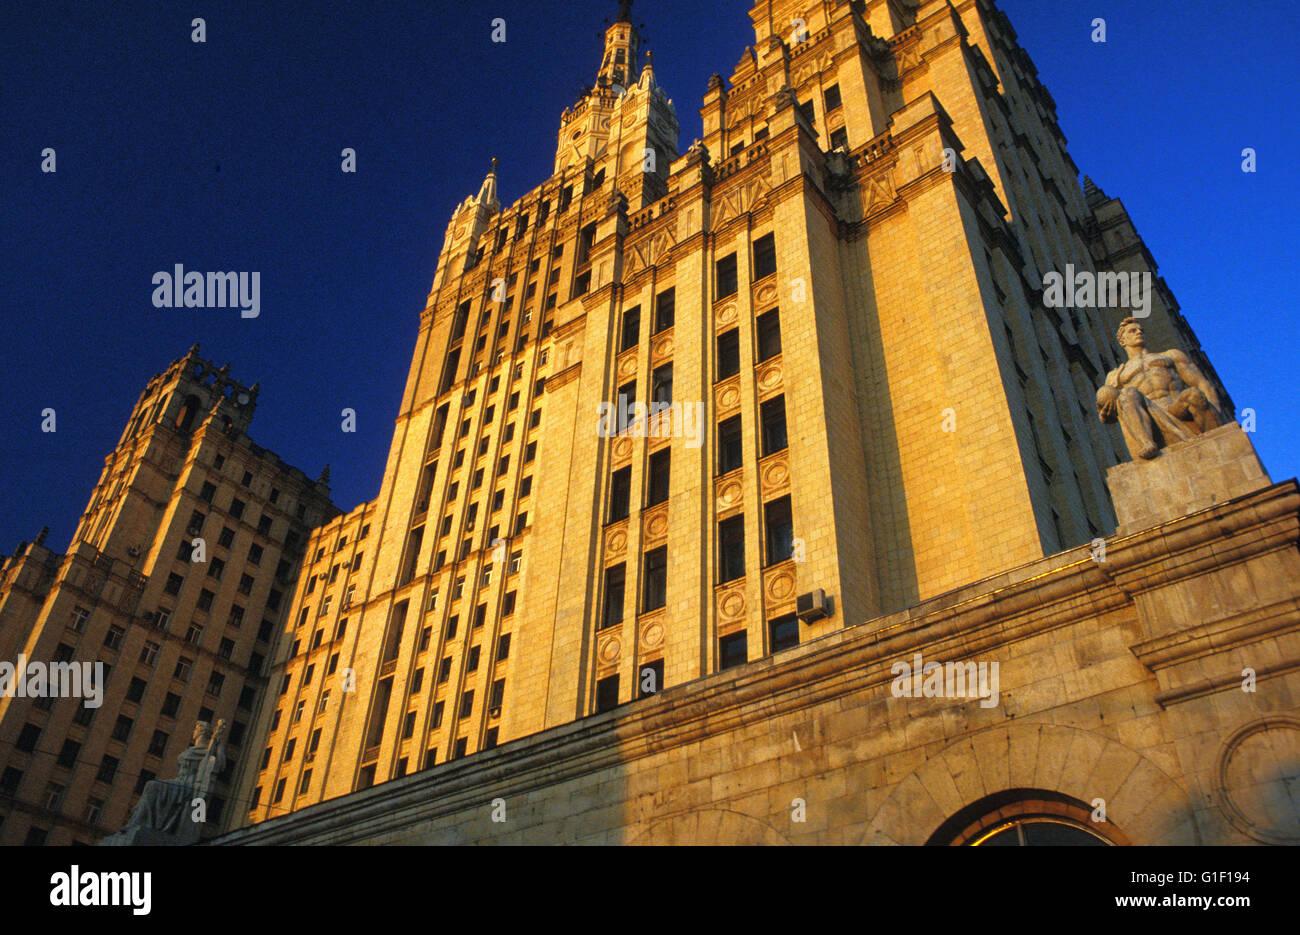 kudrinskaya ploshchad skyscraper, moscow, russia Stock Photo